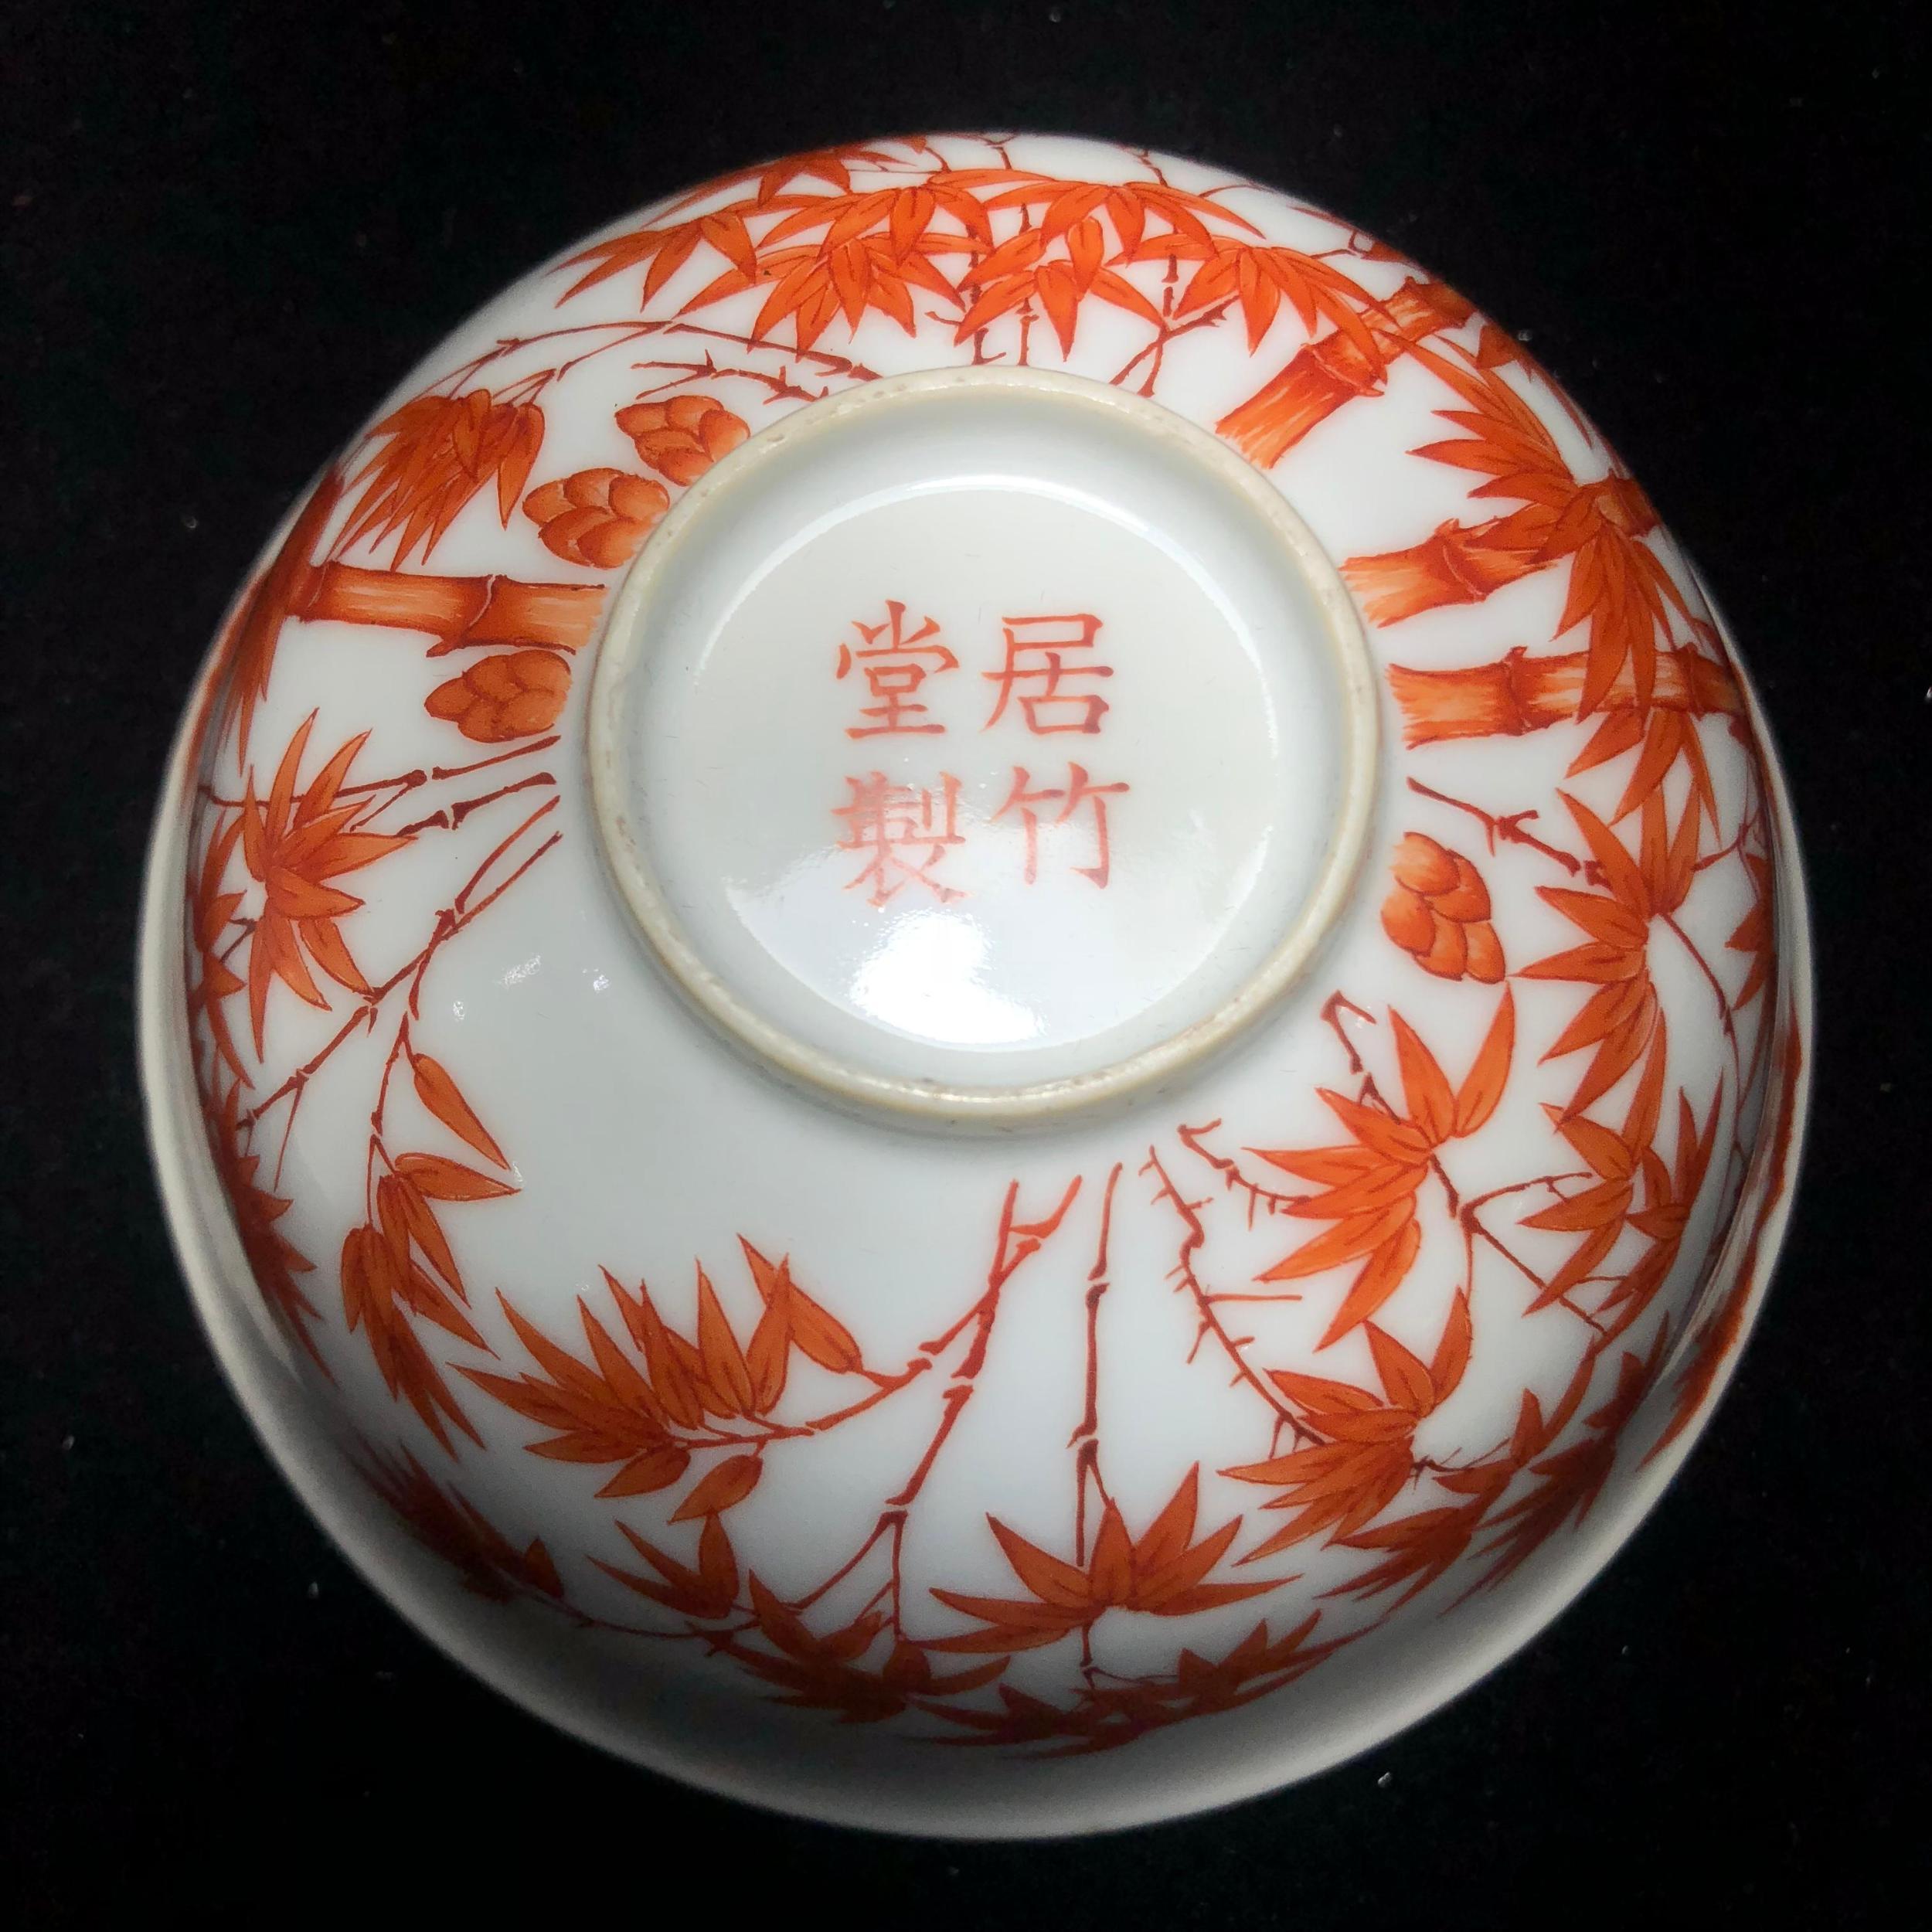 晚清民国 矾红竹叶纹碗一对